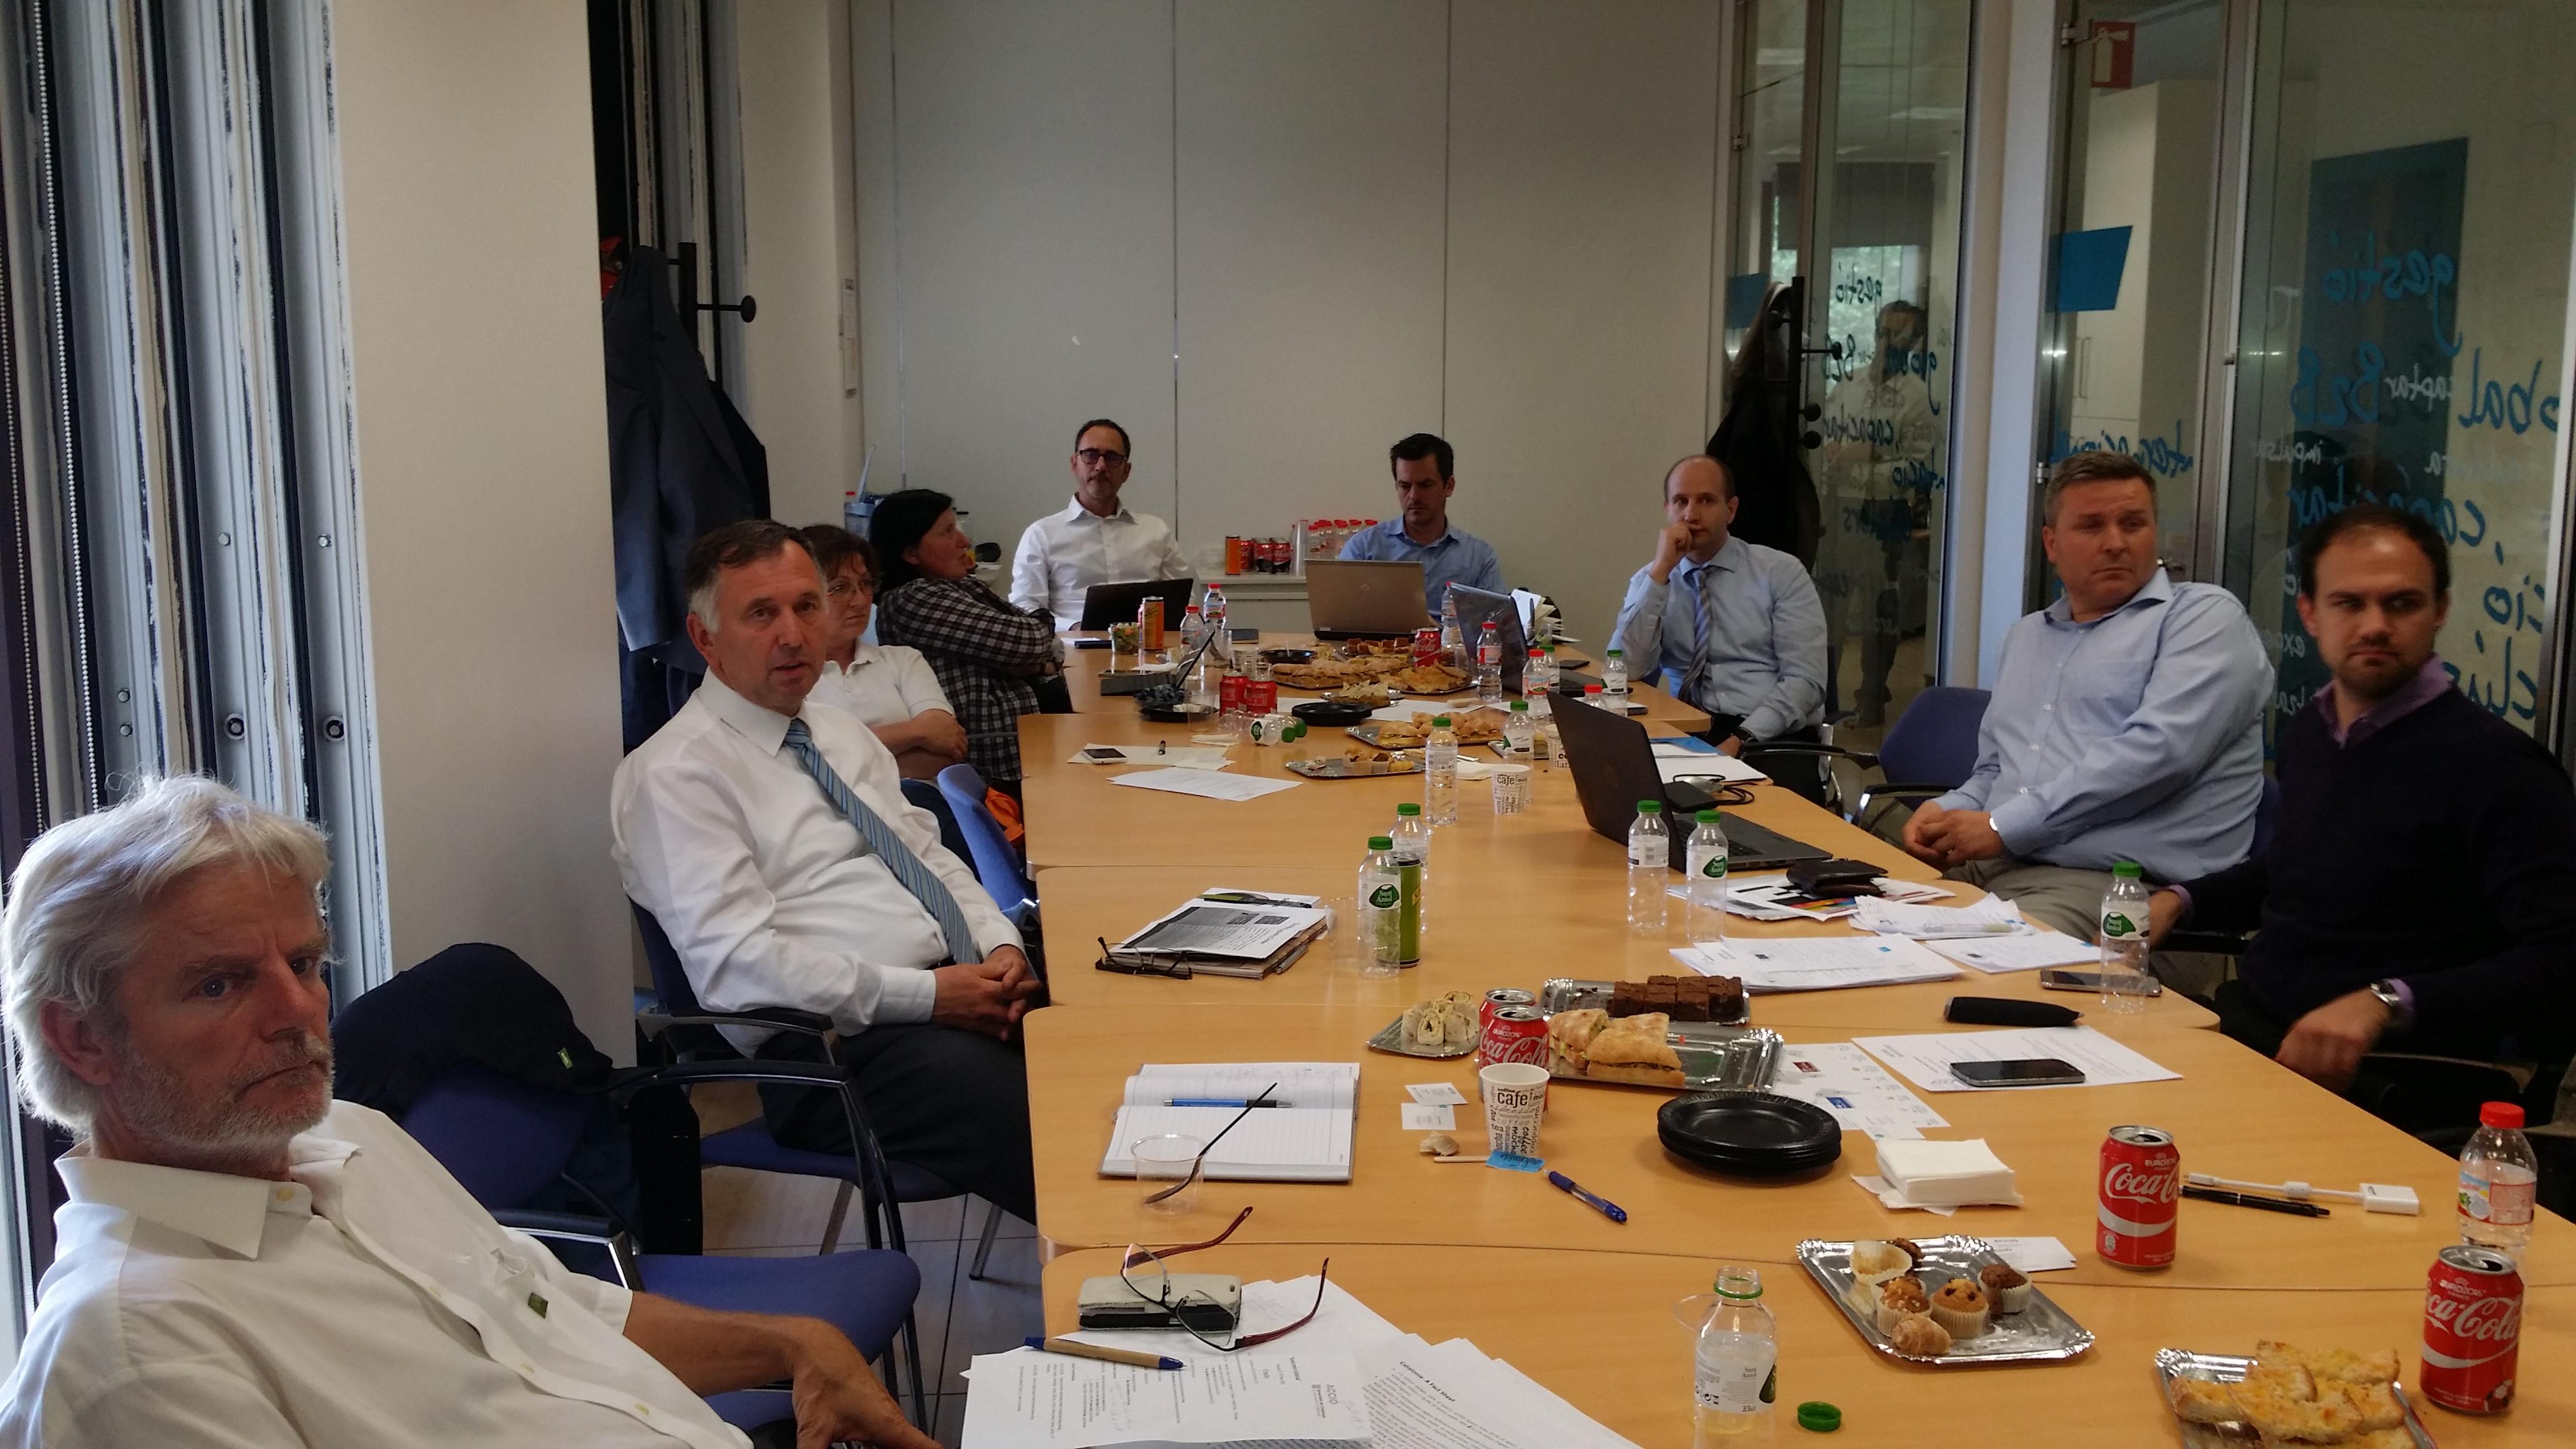 Predstavniki slovenskih grozdov in ministrstev na srečanju z grozdi iz Katalonije v Barceloni